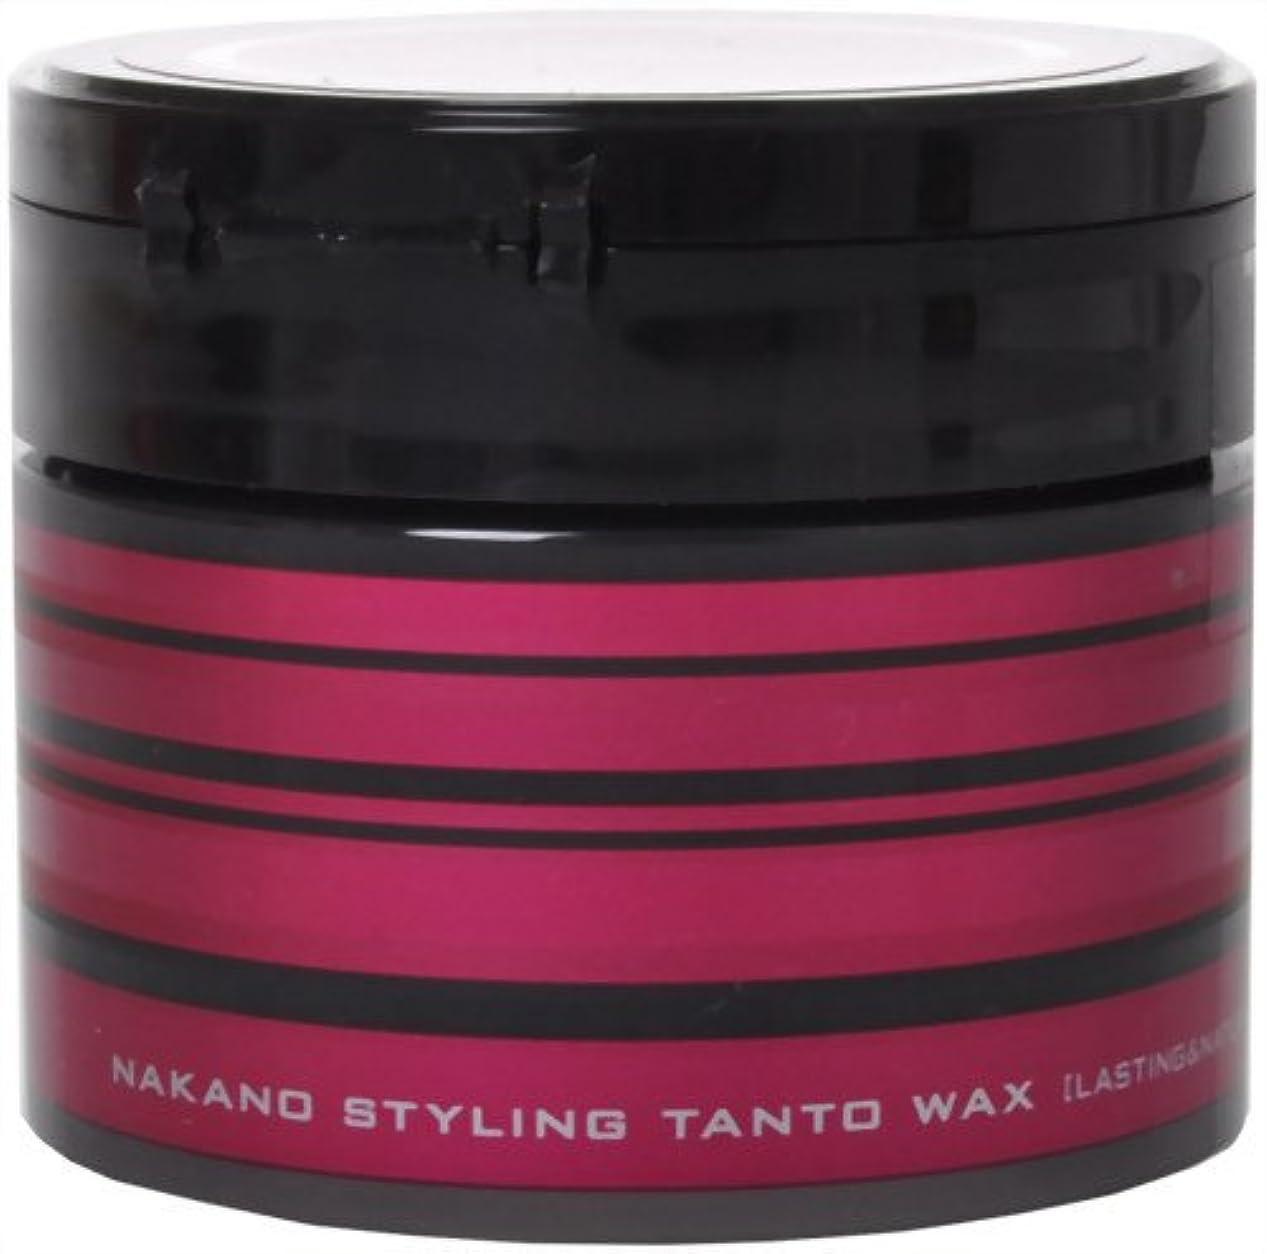 袋環境に優しい香りナカノ スタイリング タント ワックス7 「ラスティング&ナチュラル」 90g